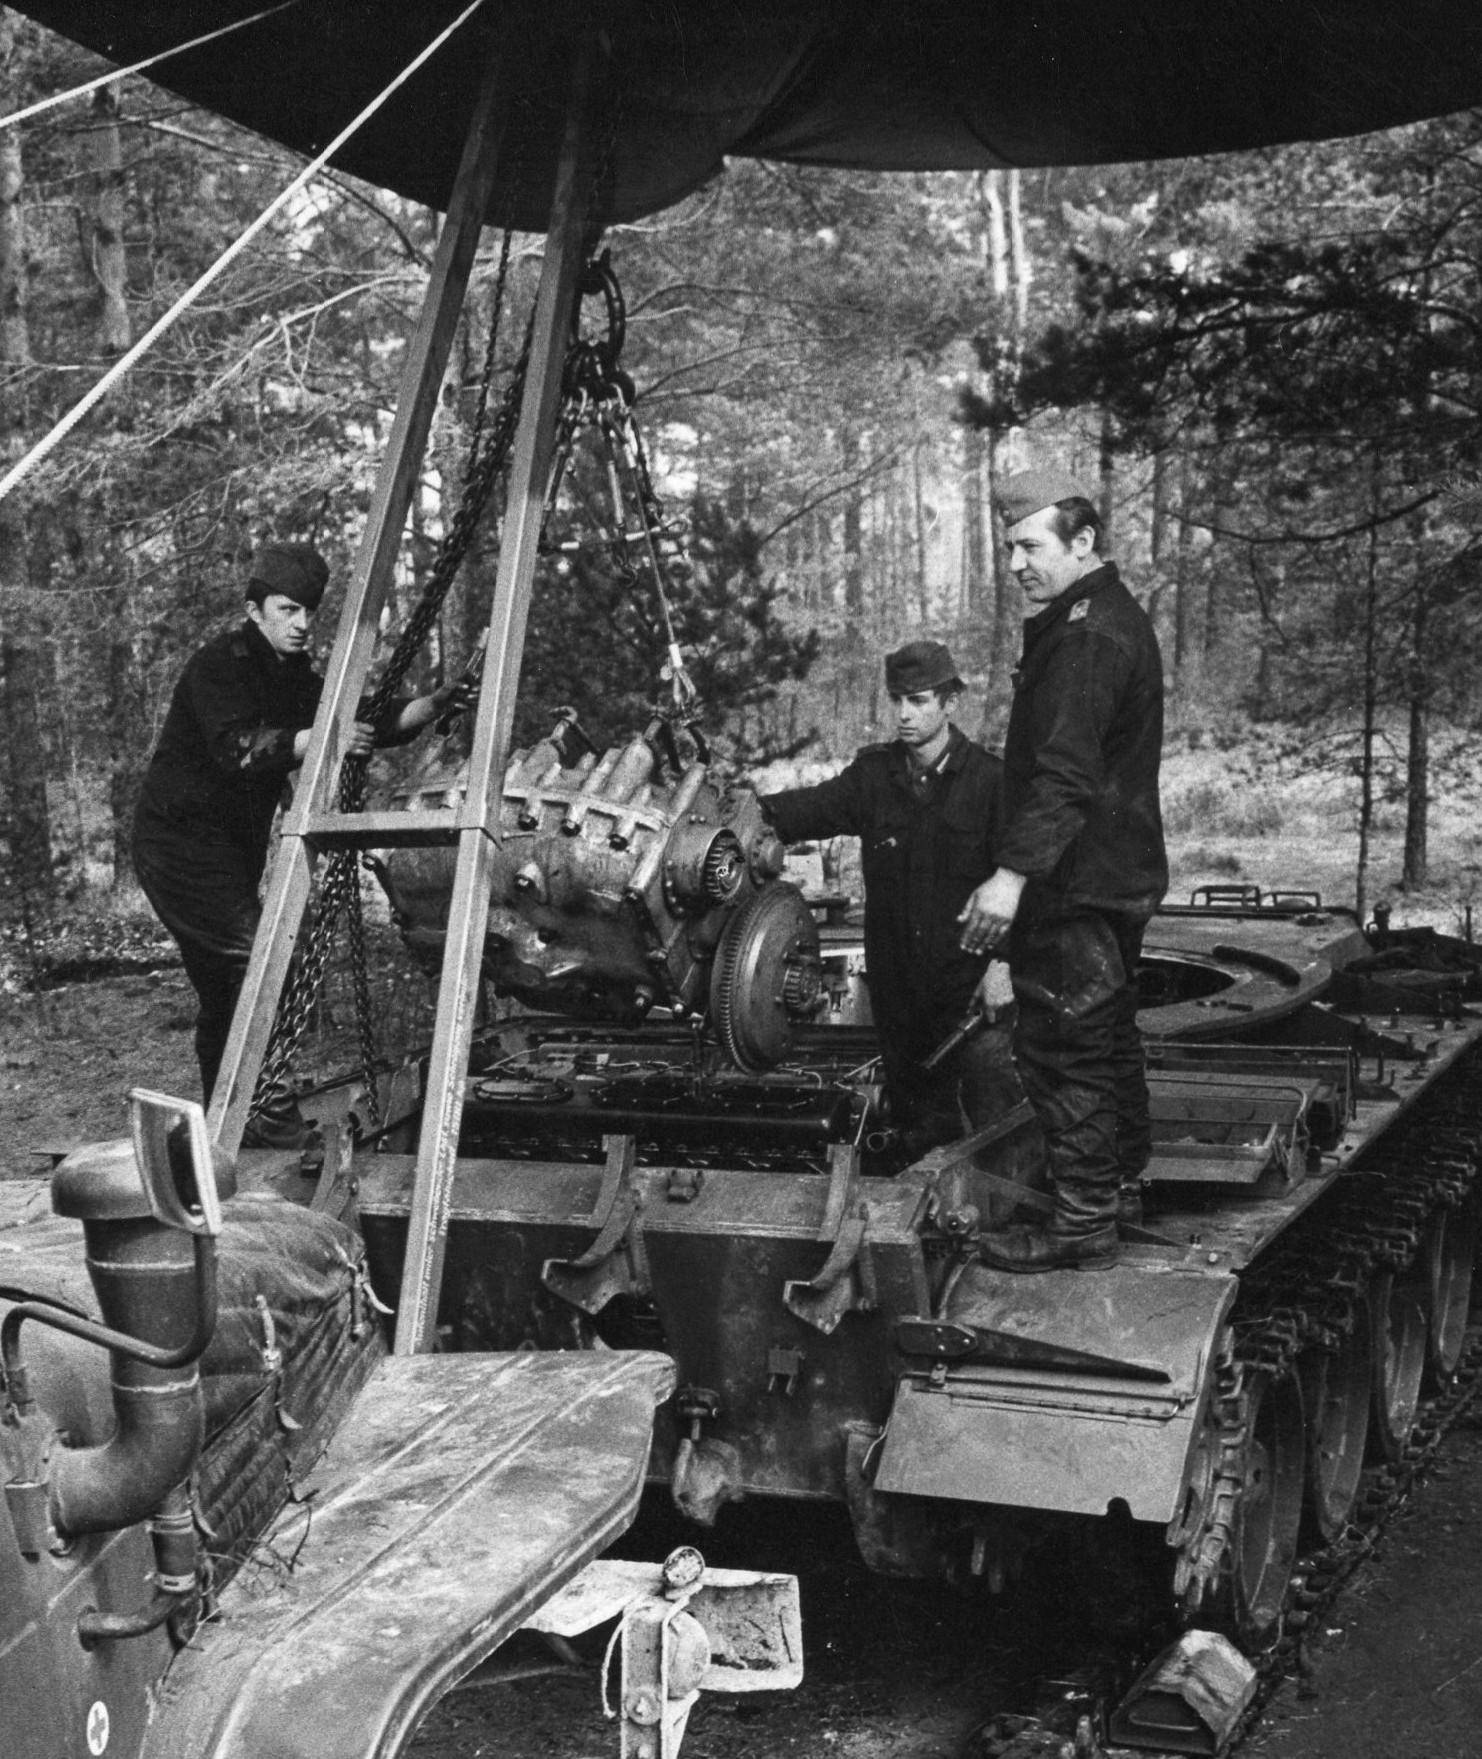 12. Stfhr. Eichner, Ausbau Wechselgetriebe vom Panzer T55 A